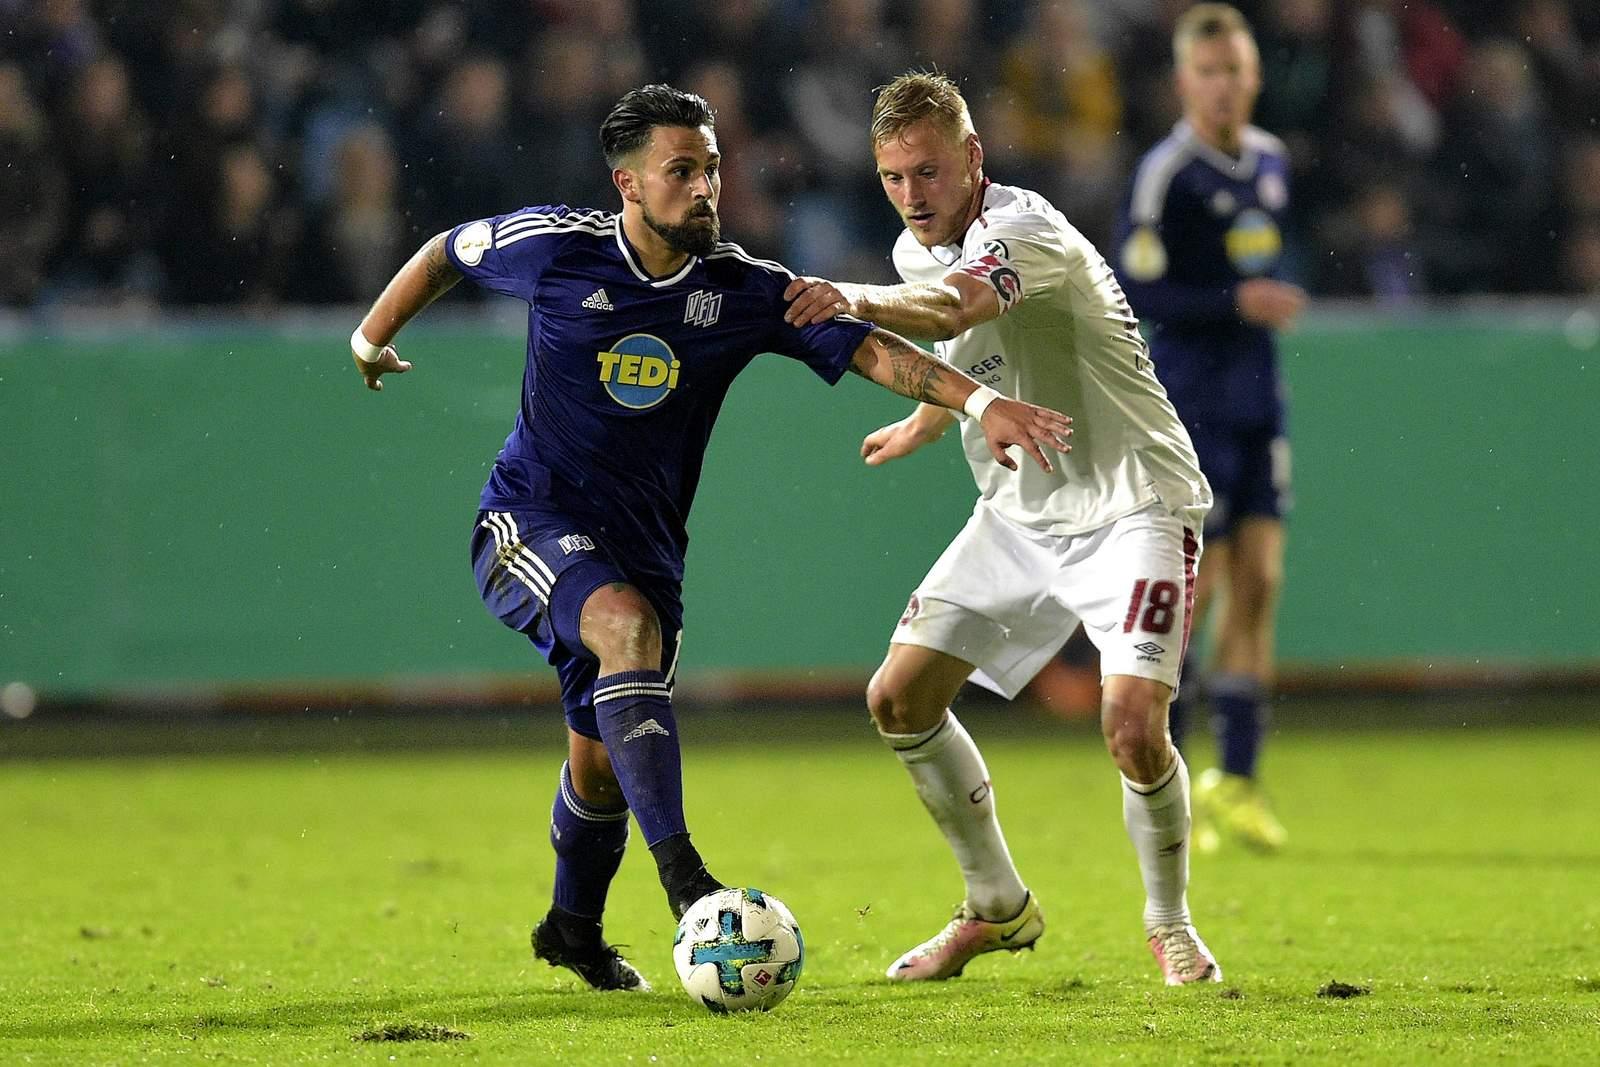 Marcos Alvarez vom VfL Osnabrück gegen Hanno Behrens vom 1. FC Nürnberg